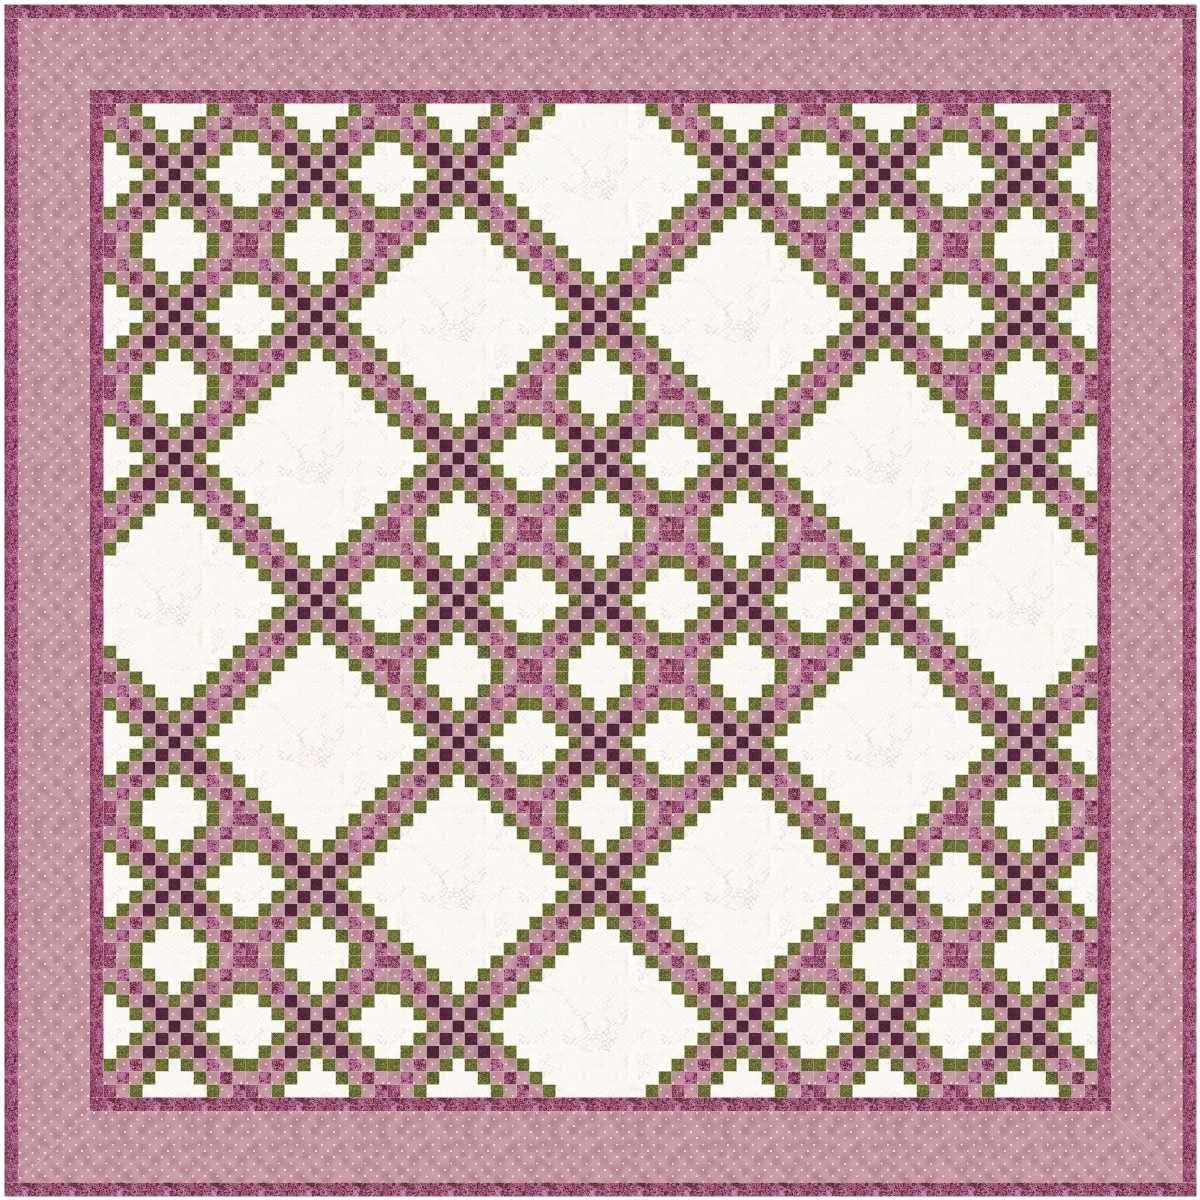 Triple Irish Chain 1, 2 and 3   Irish chain quilt, Patterns and Craft : triple irish chain quilt pattern - Adamdwight.com